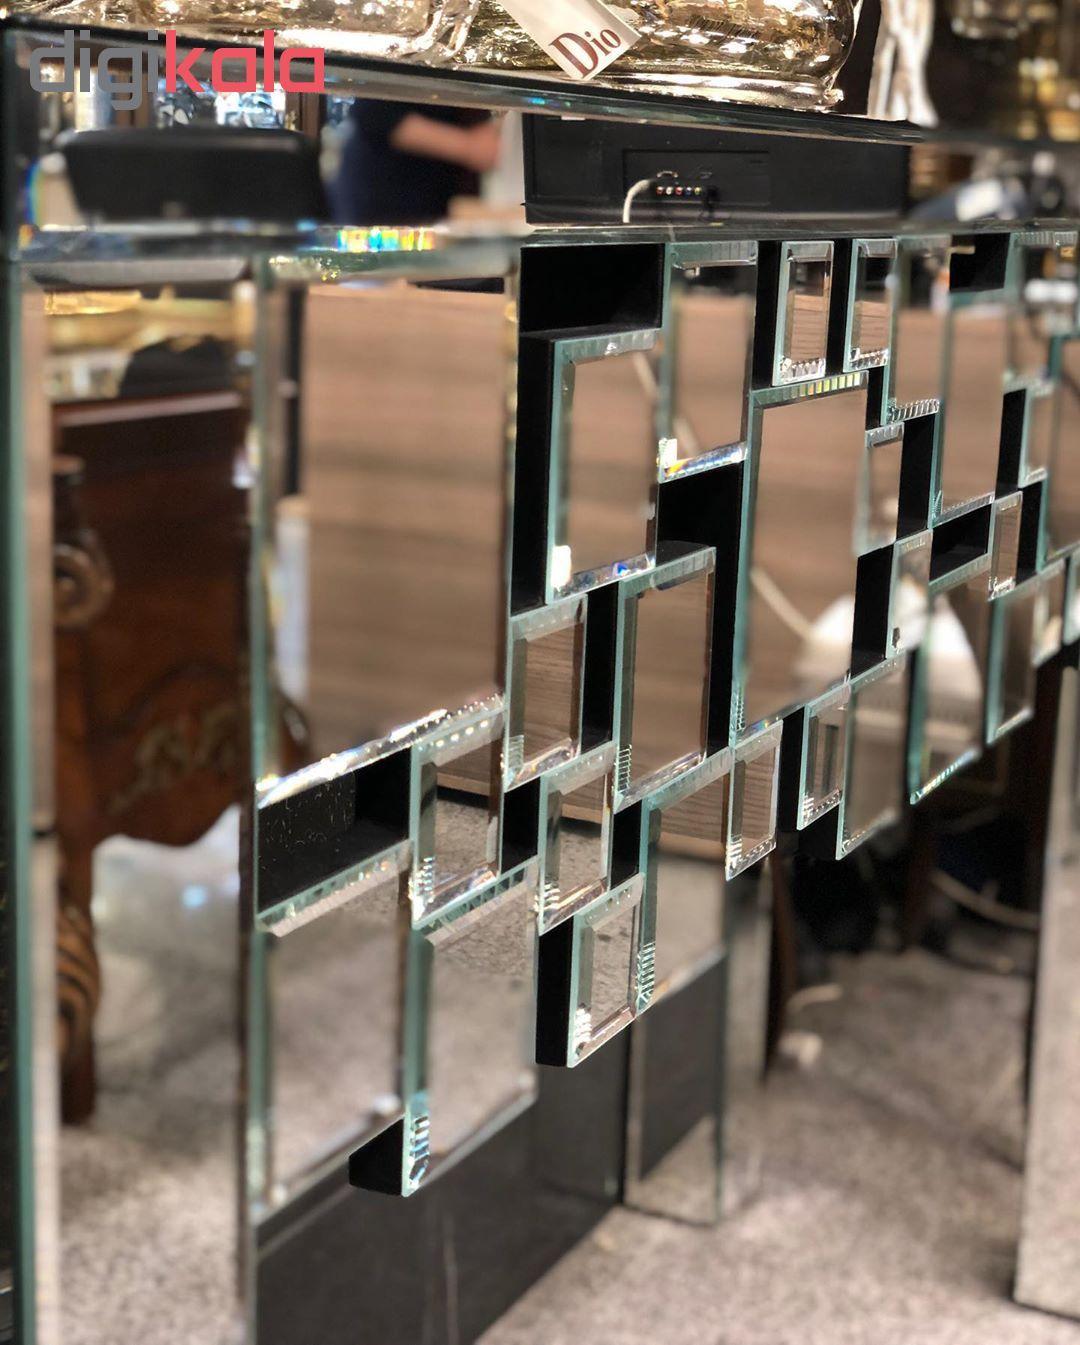 آینه زایگون مدل k201w